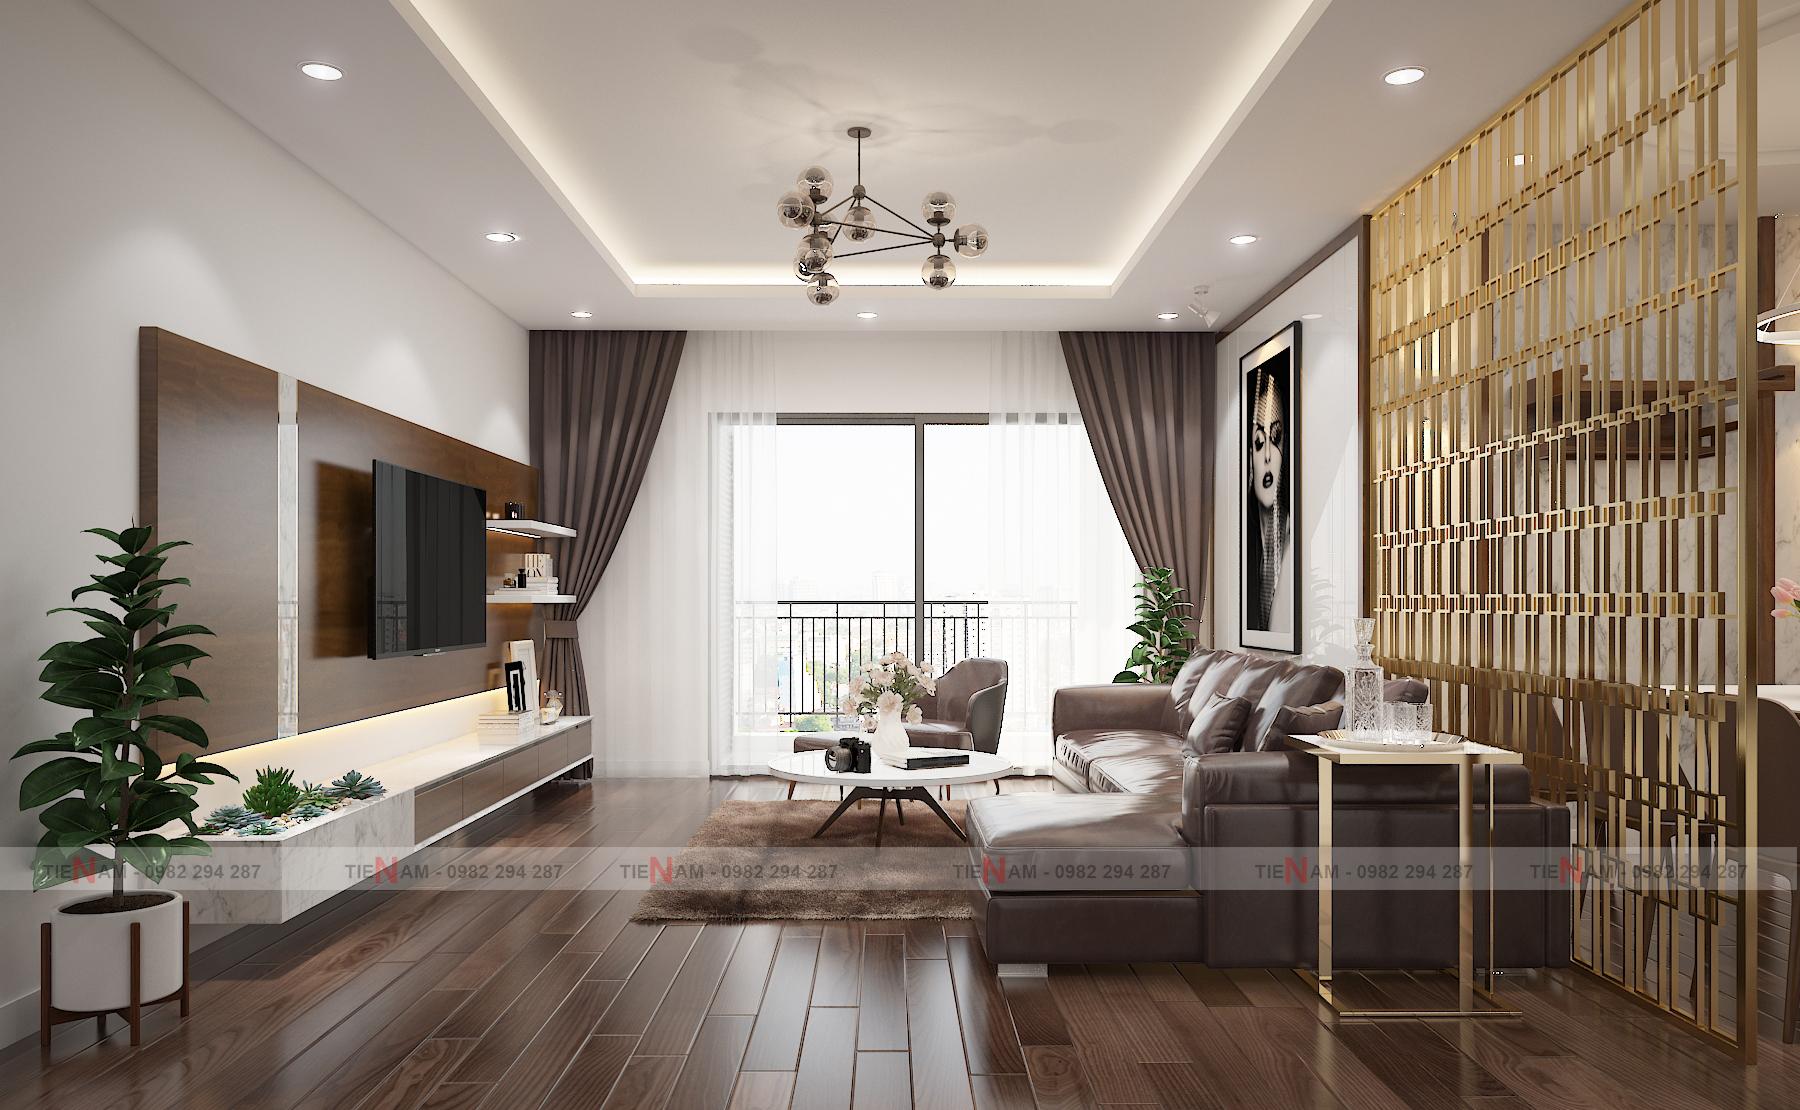 Thiết kế Chung Cư tại Hà Nội Chung cư Phố Vọng 1573054621 1